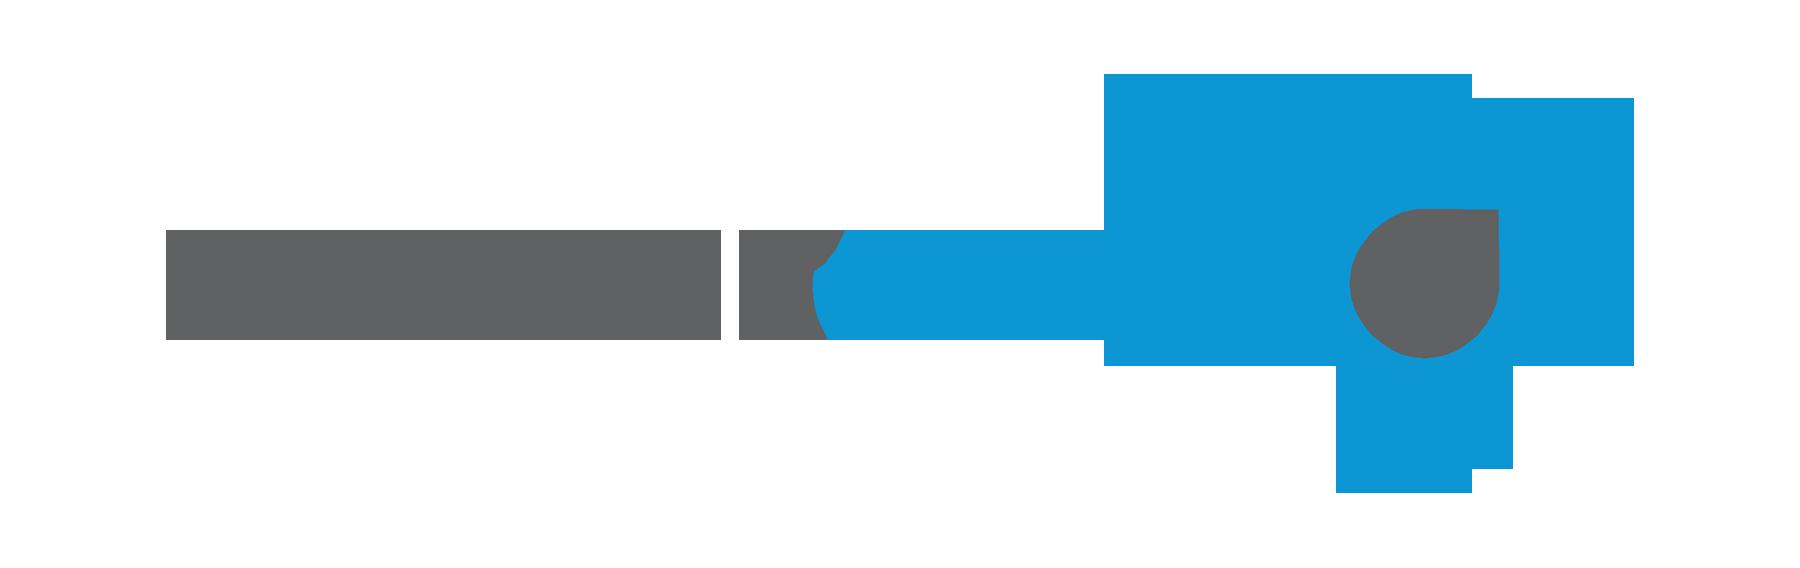 InstantGMP